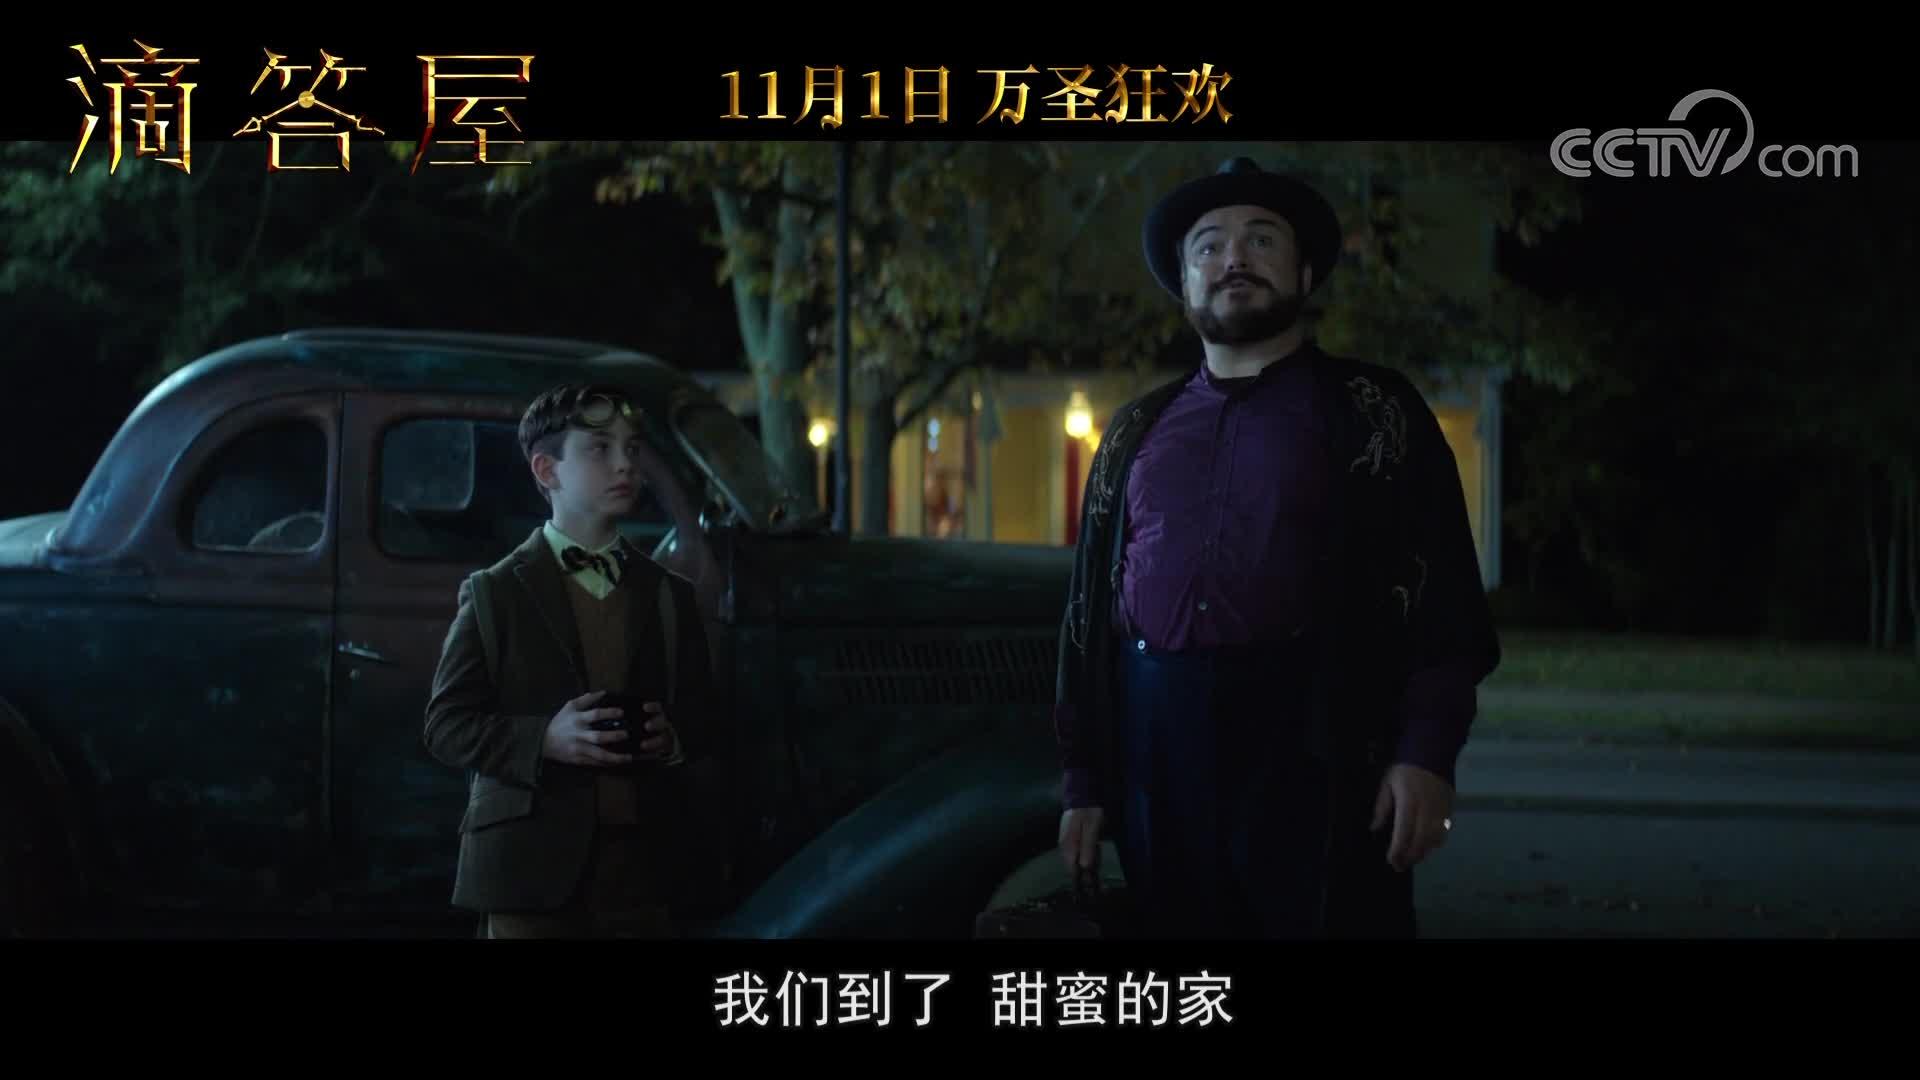 """[视频]《滴答屋》曝""""魔法冒险""""预告片 正义魔法天团强势来袭"""